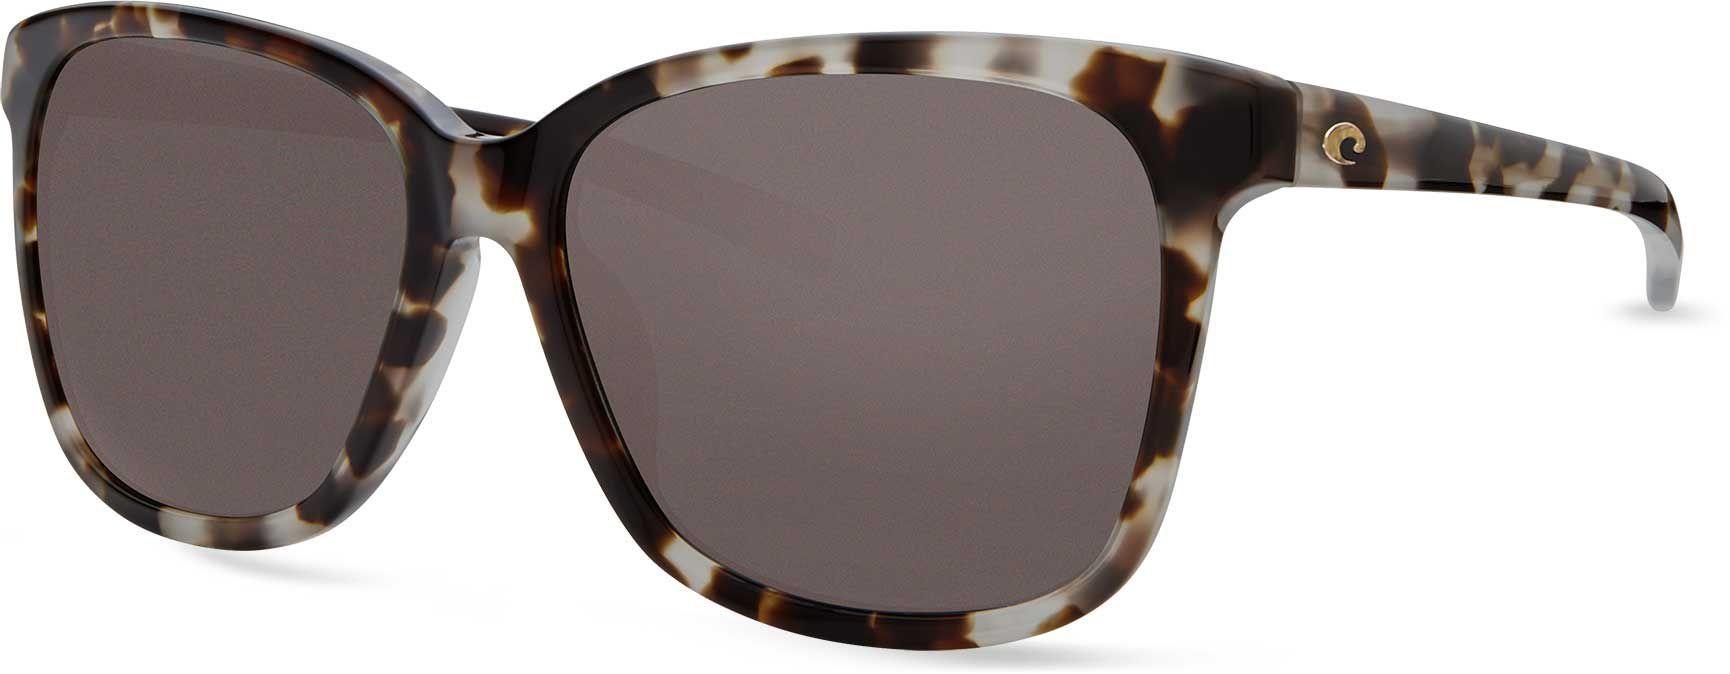 224c30f34d50 Costa Del Mar Women's May 580G Polarized Sunglasses | Miscellaneous